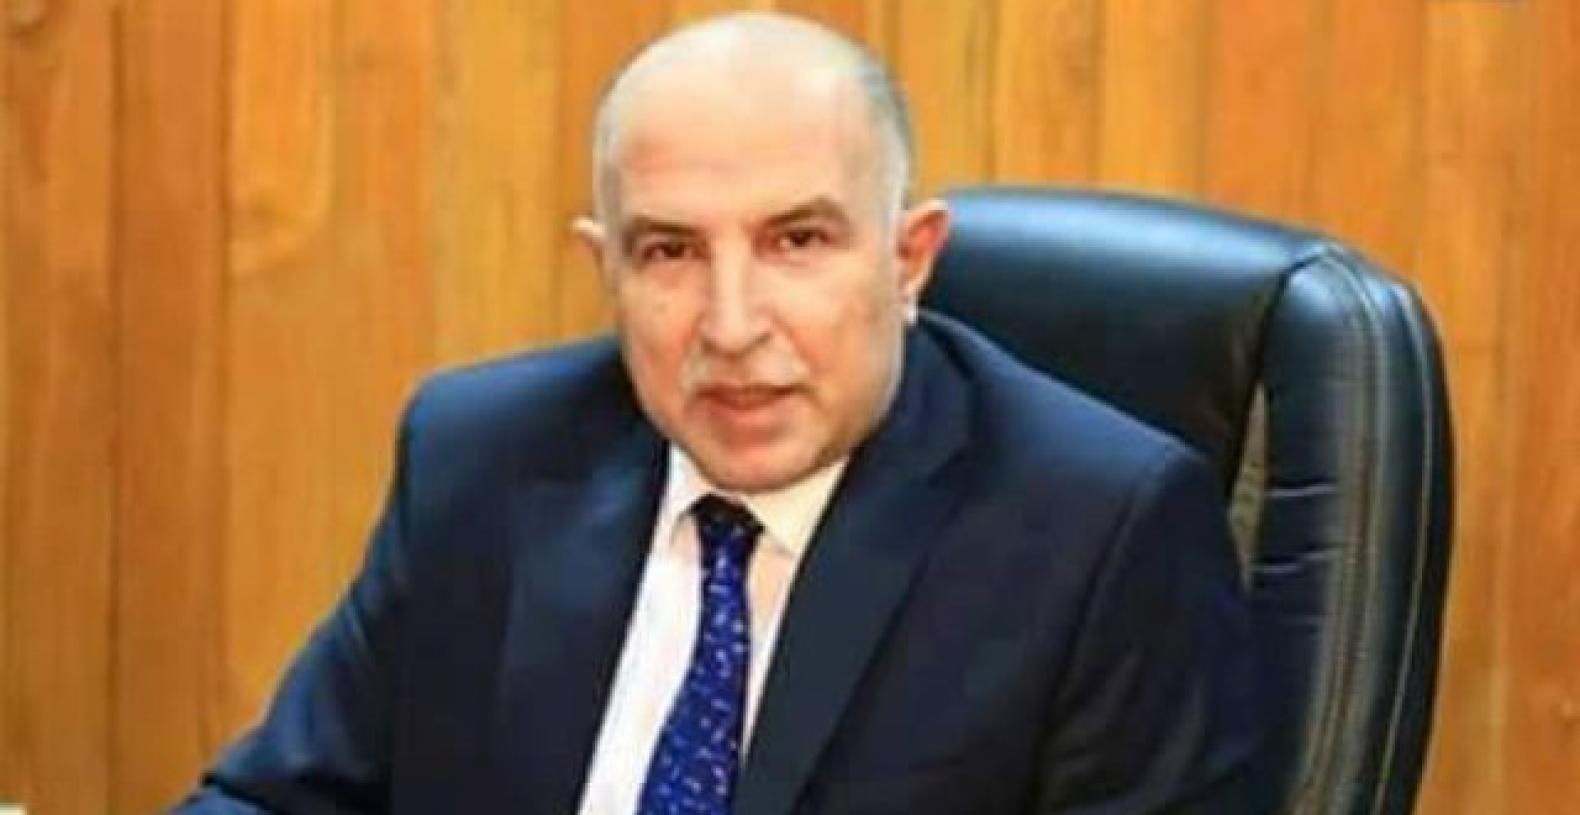 العاكوب يبلغ مجلس نينوى بامتناعه عن تقديم استقالته